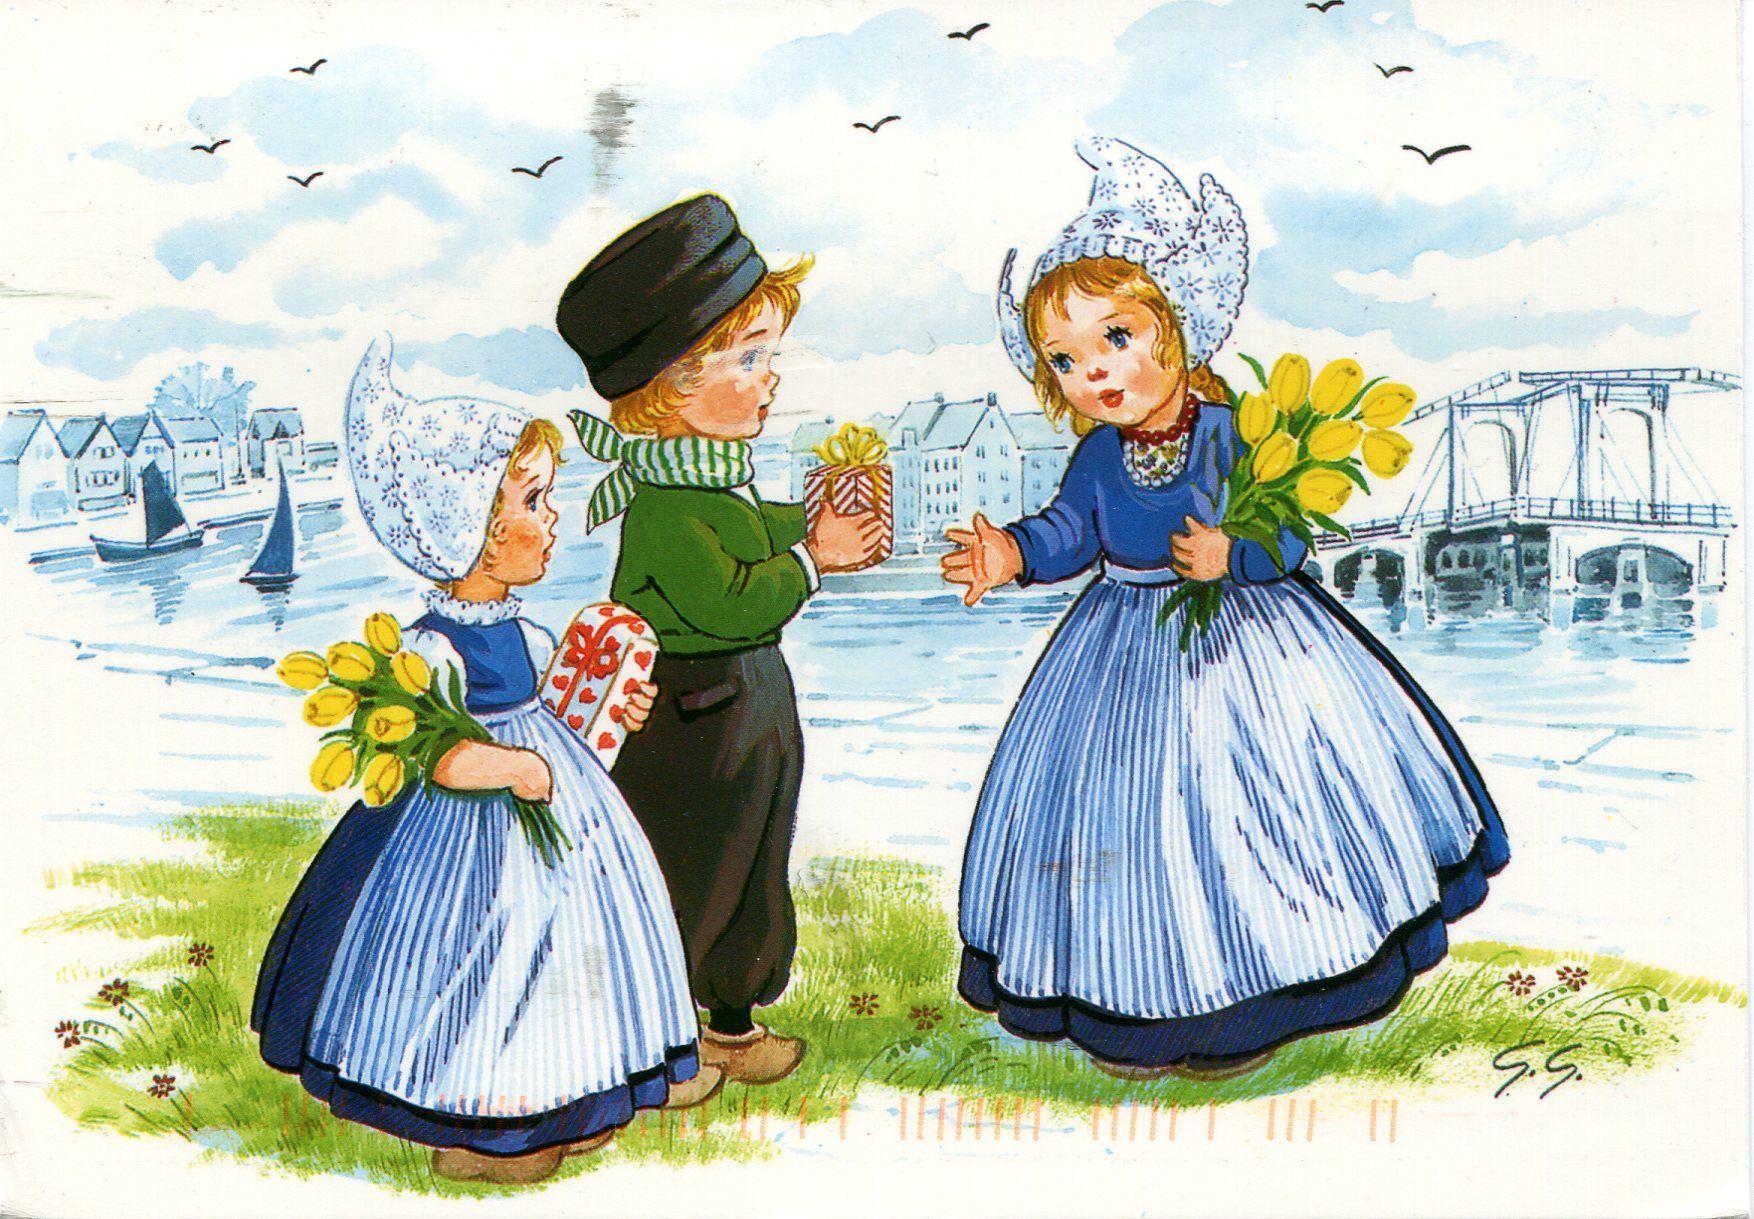 Цветы герберы, открытки голландии